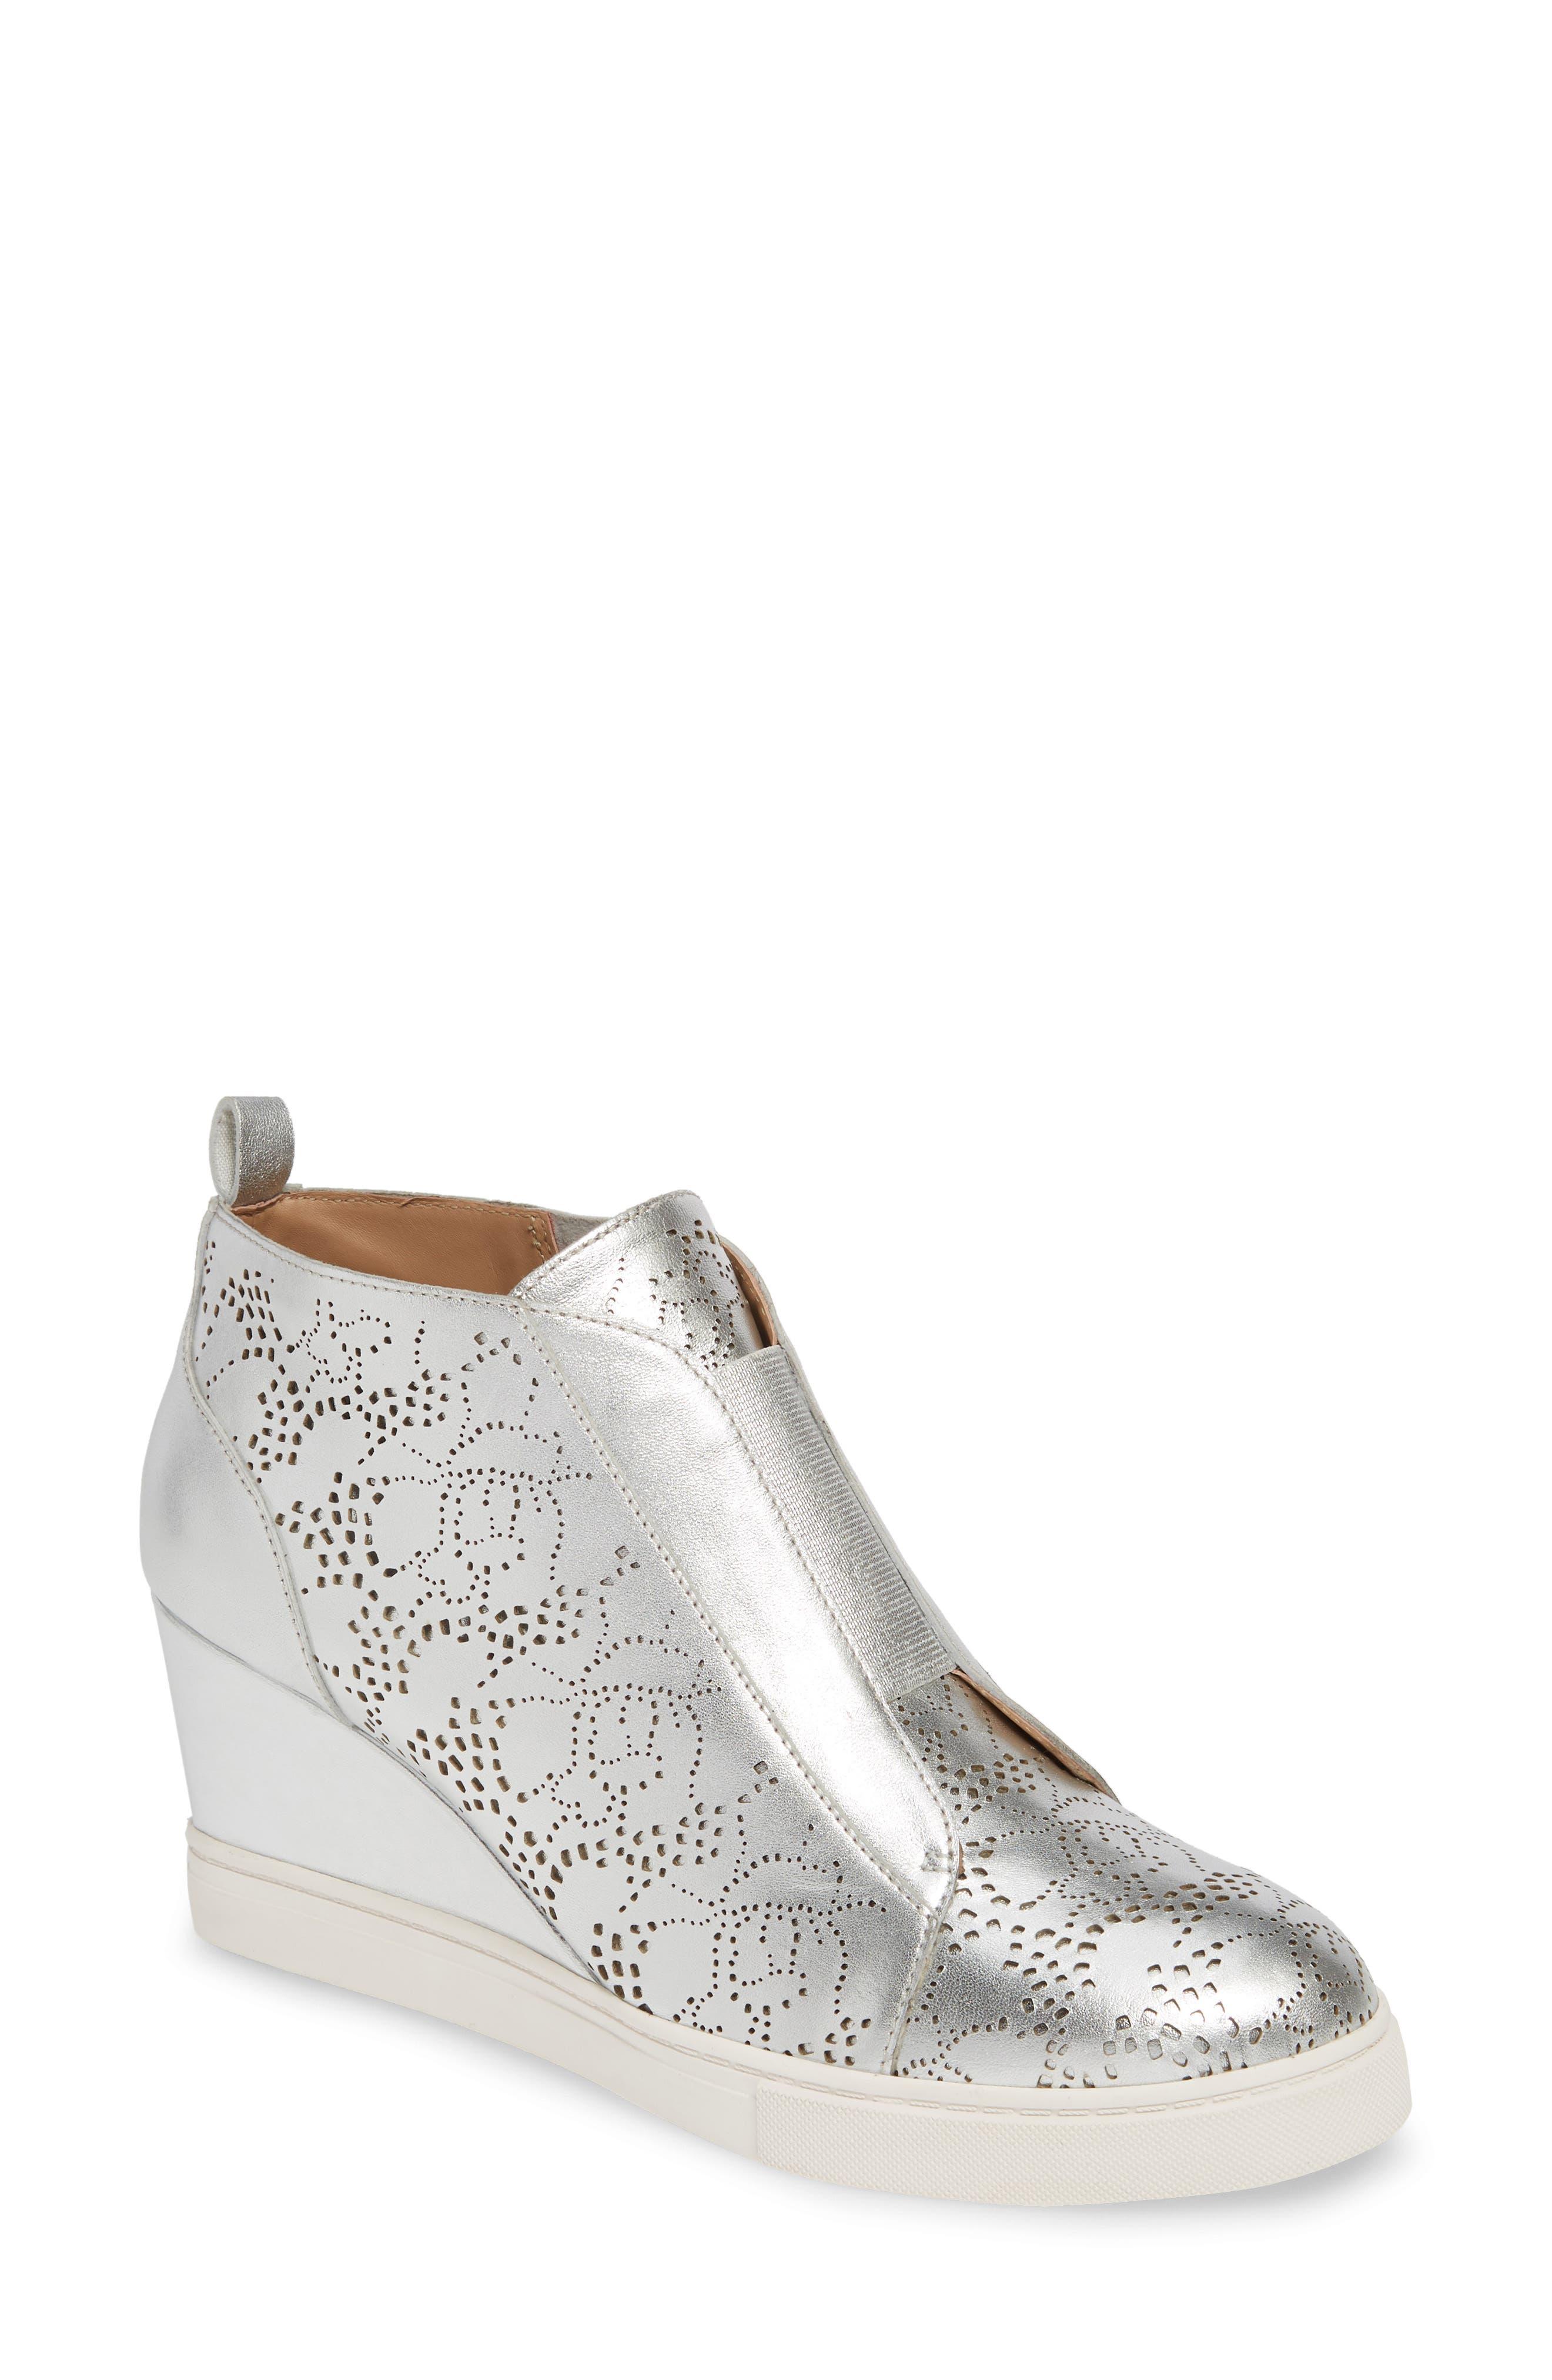 Women's Metallic Booties \u0026 Ankle Boots